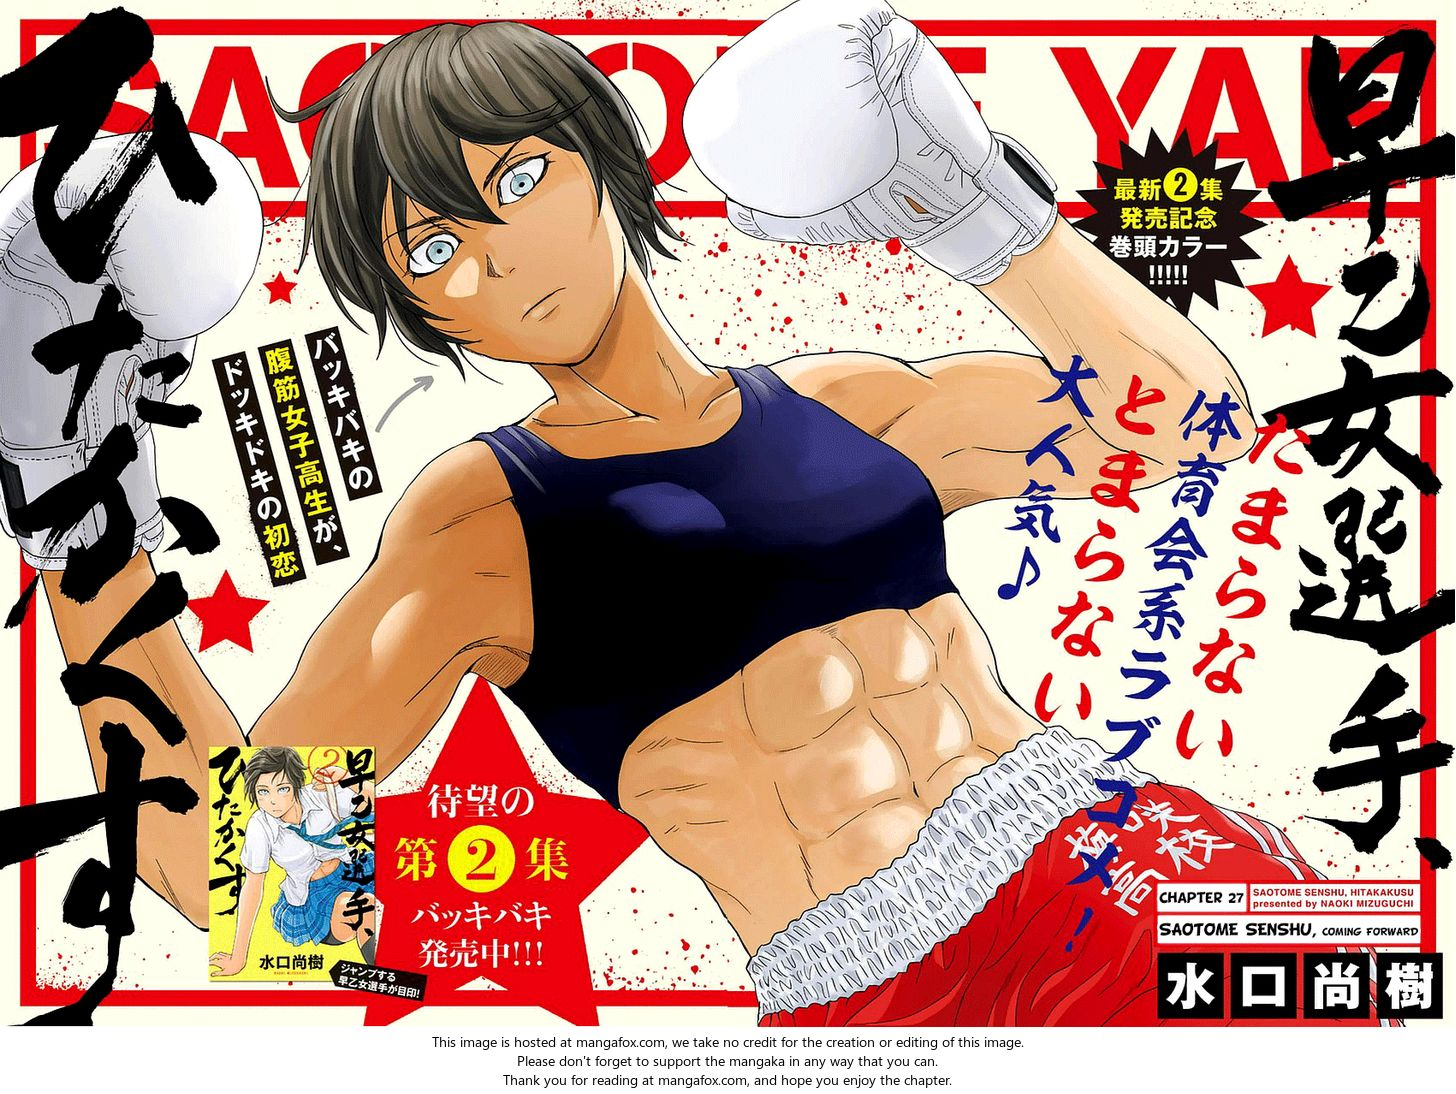 Saotome Girl, Hitakakusu 27: Saotome-Senshu, Coming Forward at MangaFox